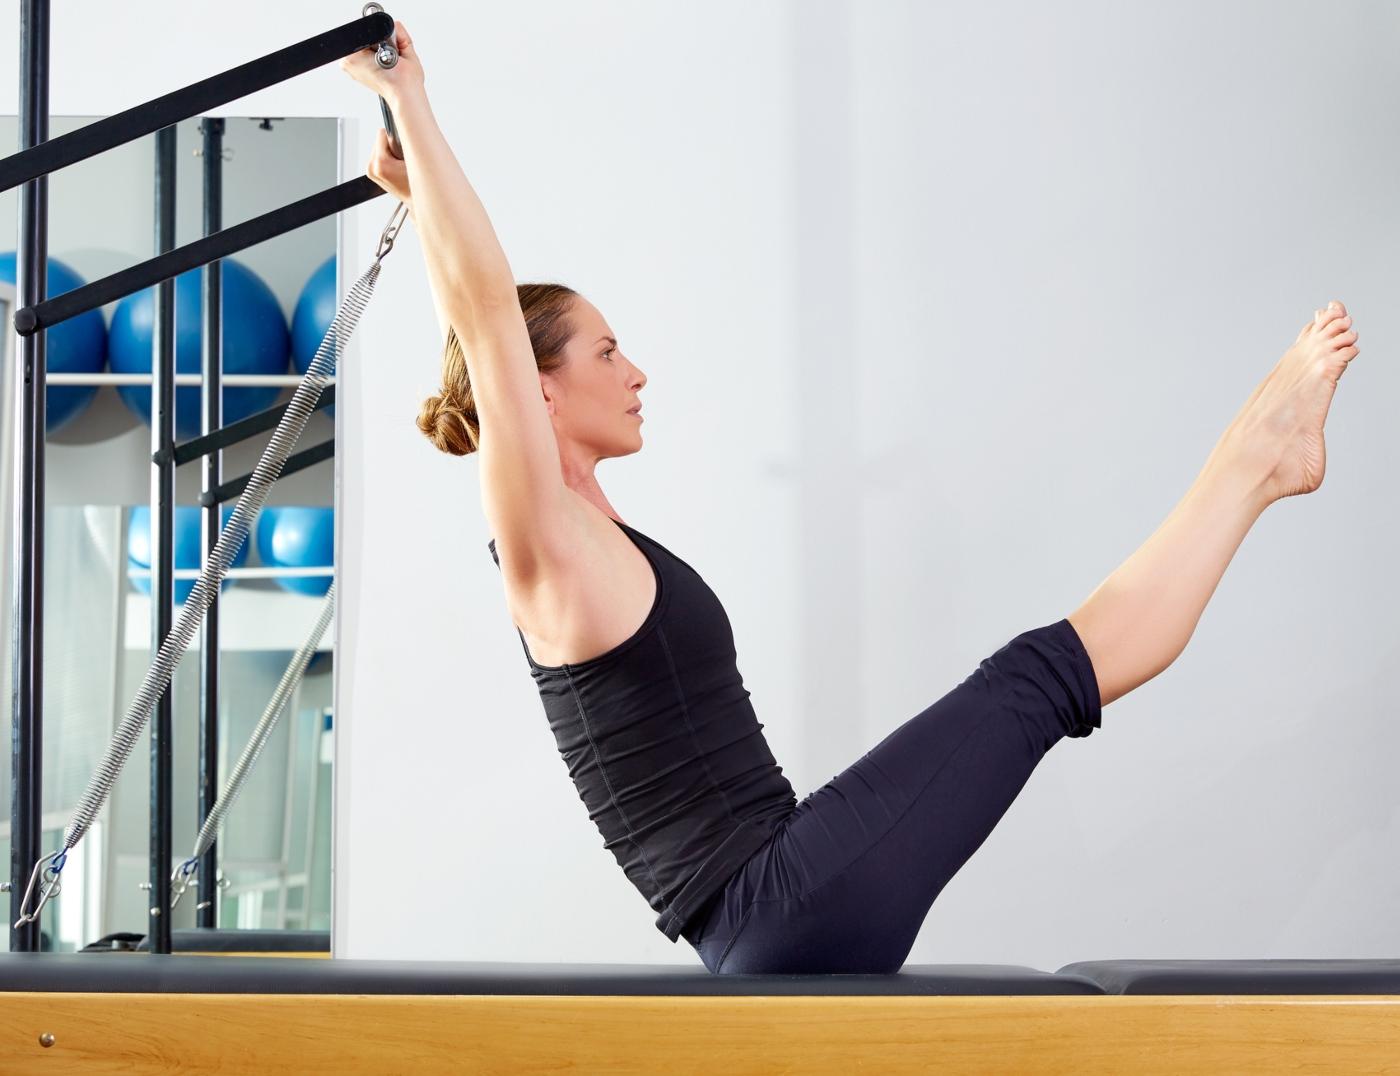 Tudo sobre o pilates: benefícios, princípios e como praticar